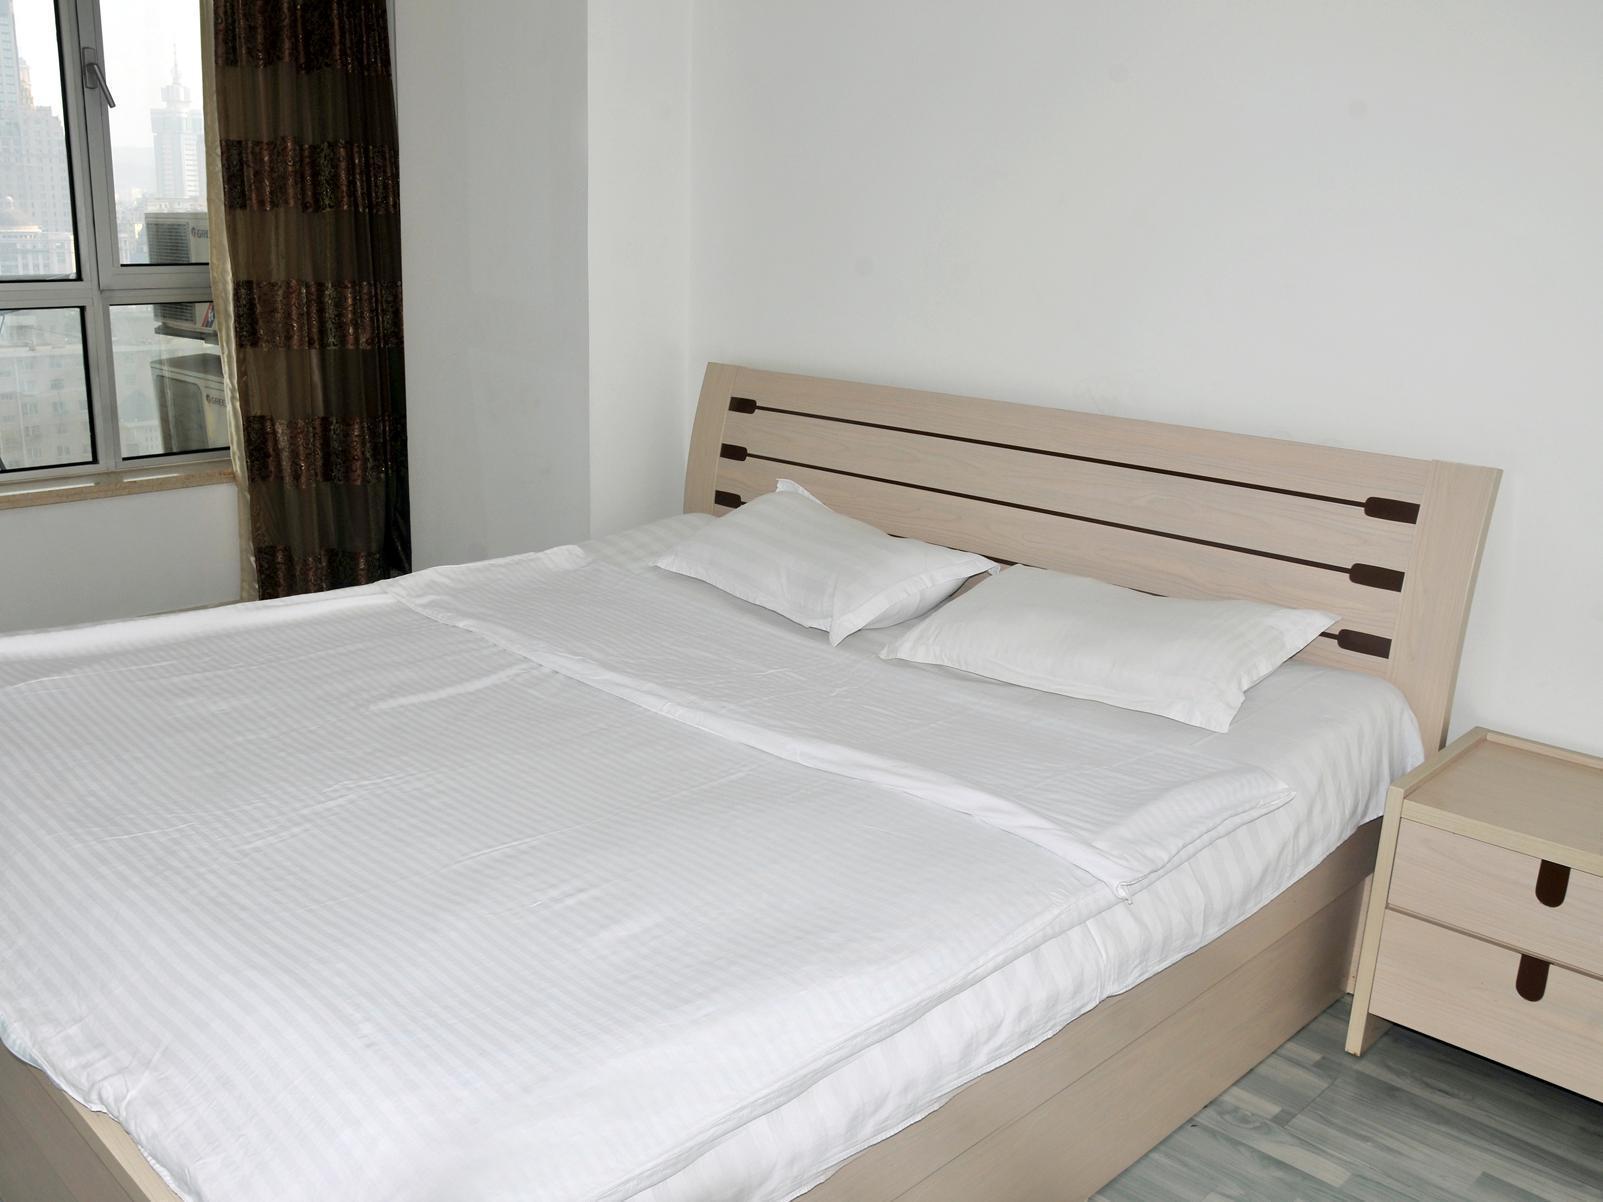 Dalian Xiu Zhu Apartment